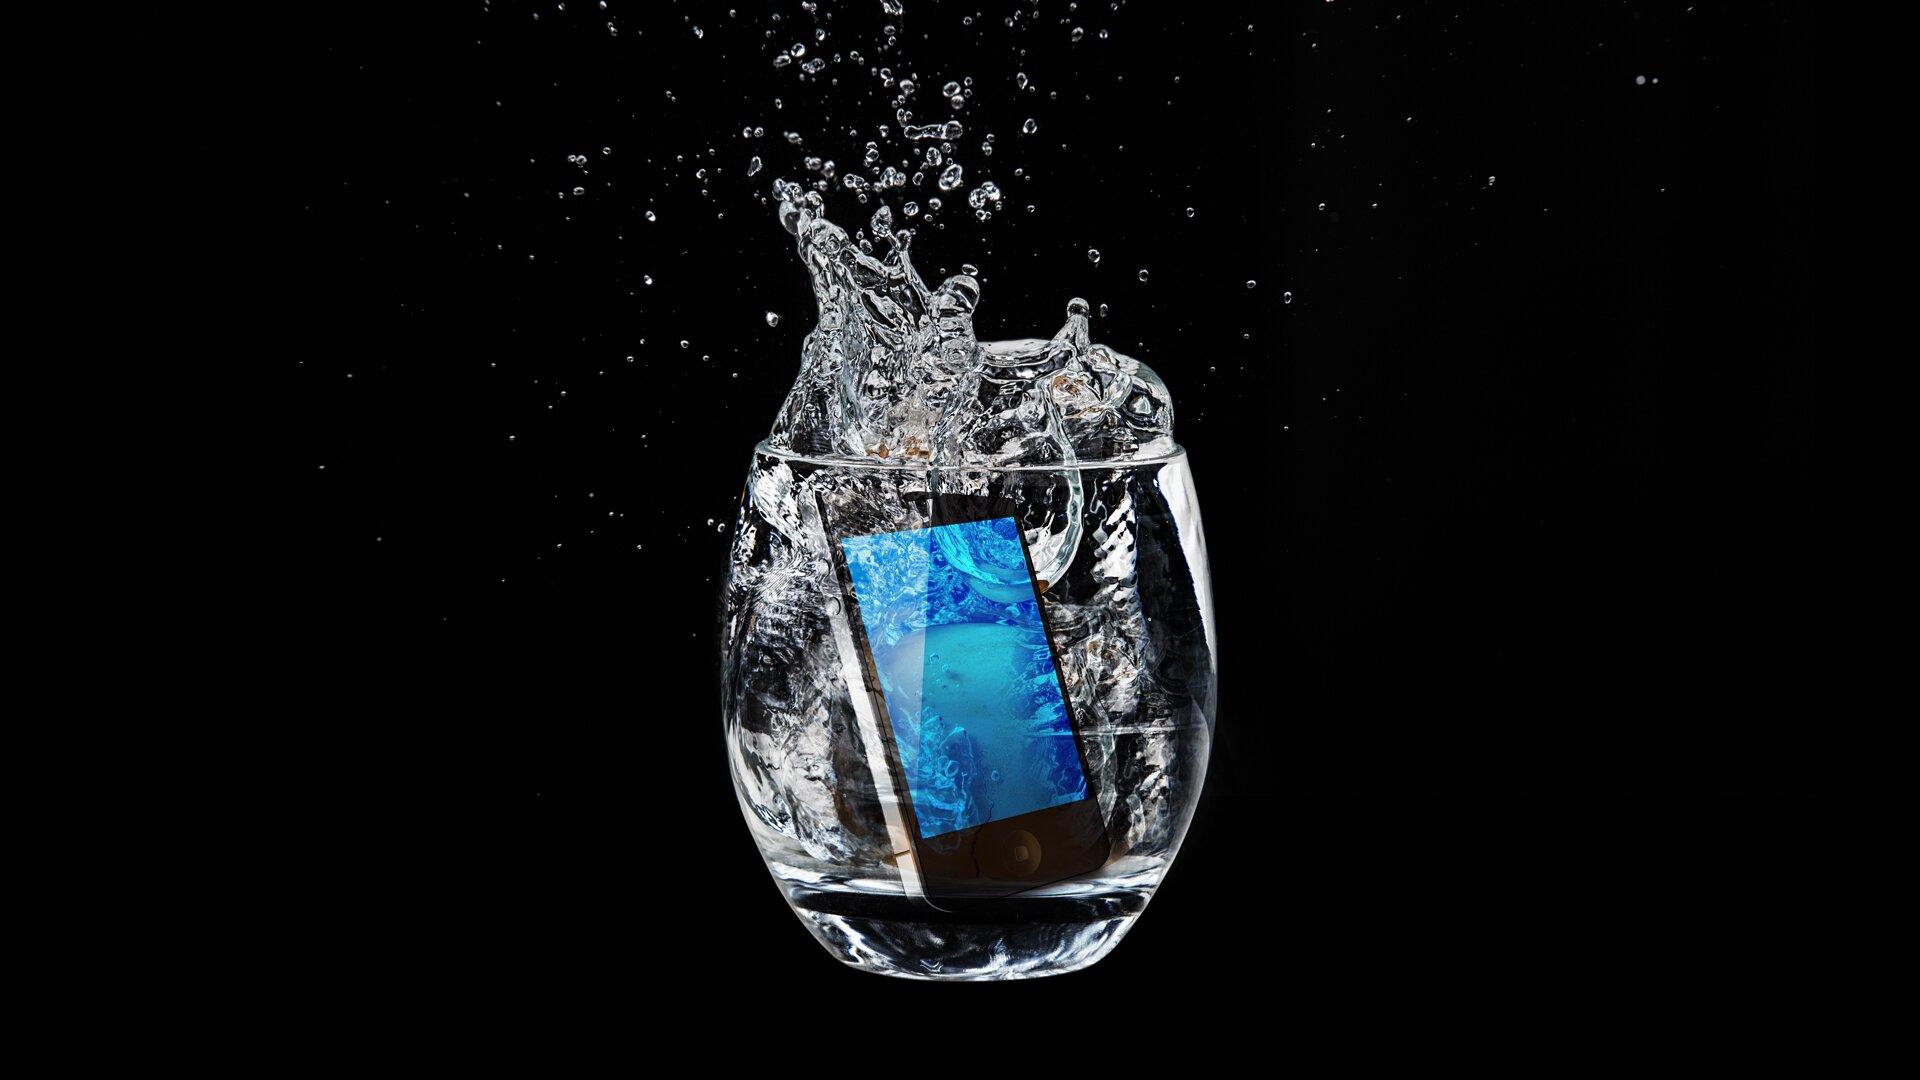 Zdjęcie przedstawia smartfona wrzuconego do szklanki zwodą.